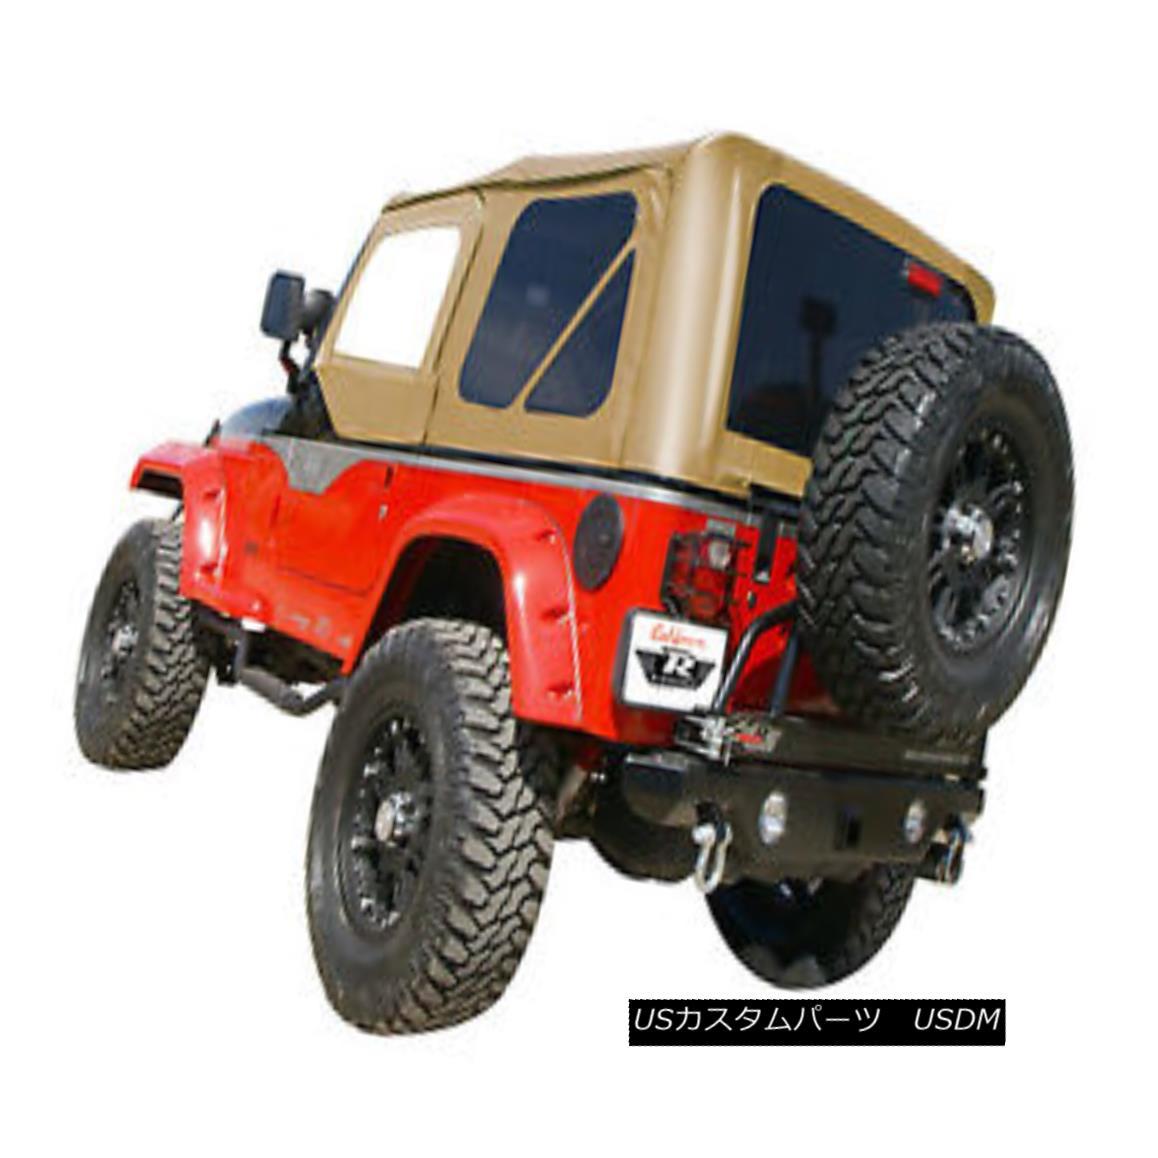 幌・ソフトトップ 1997-2006 Jeep Wrangler Complete Soft Top w/Hardware spice w/tint windows 68517 1997年から2006年のジープラングラー完全なソフトトップ、ハードウェアスパイス、ティントウィンドウ付き68517